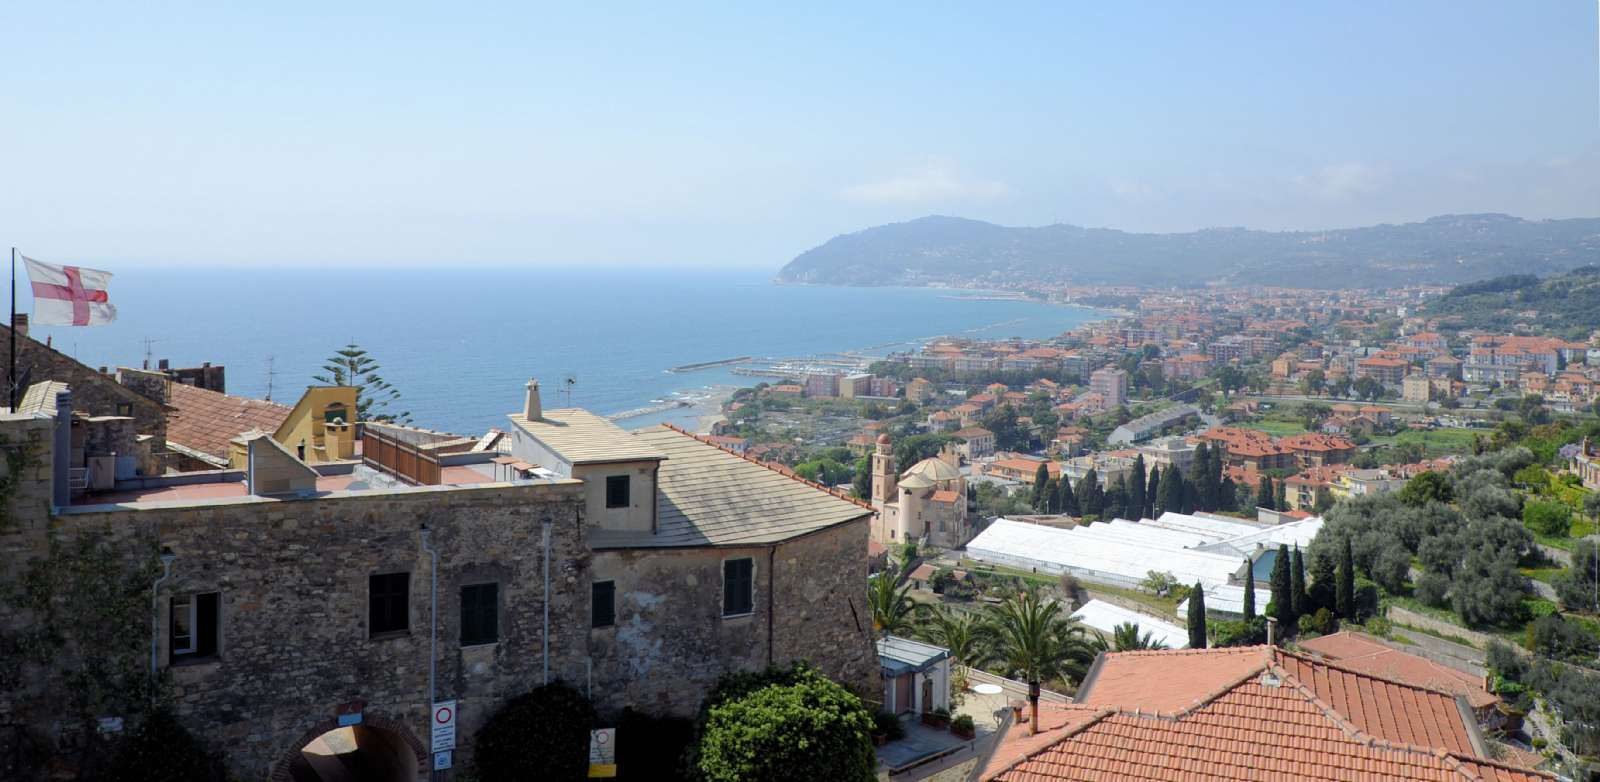 Aussicht von der gemeinschaftlichen Terrasse auf Diano Marina und San Bartolomeo a Mare